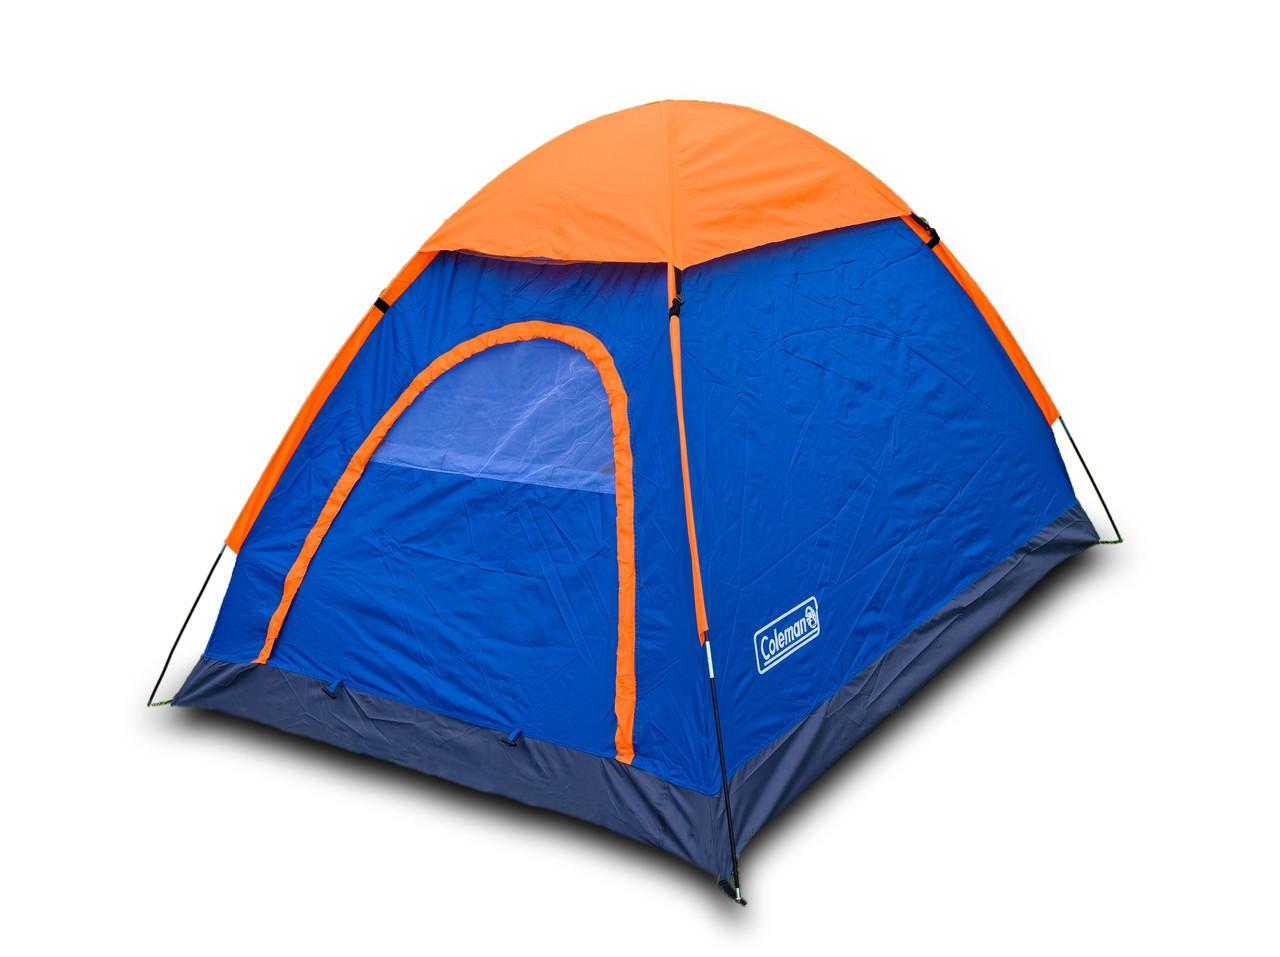 Двухместная палатка Coleman 3005. Бесплатная доставка! Оптом и в розницу